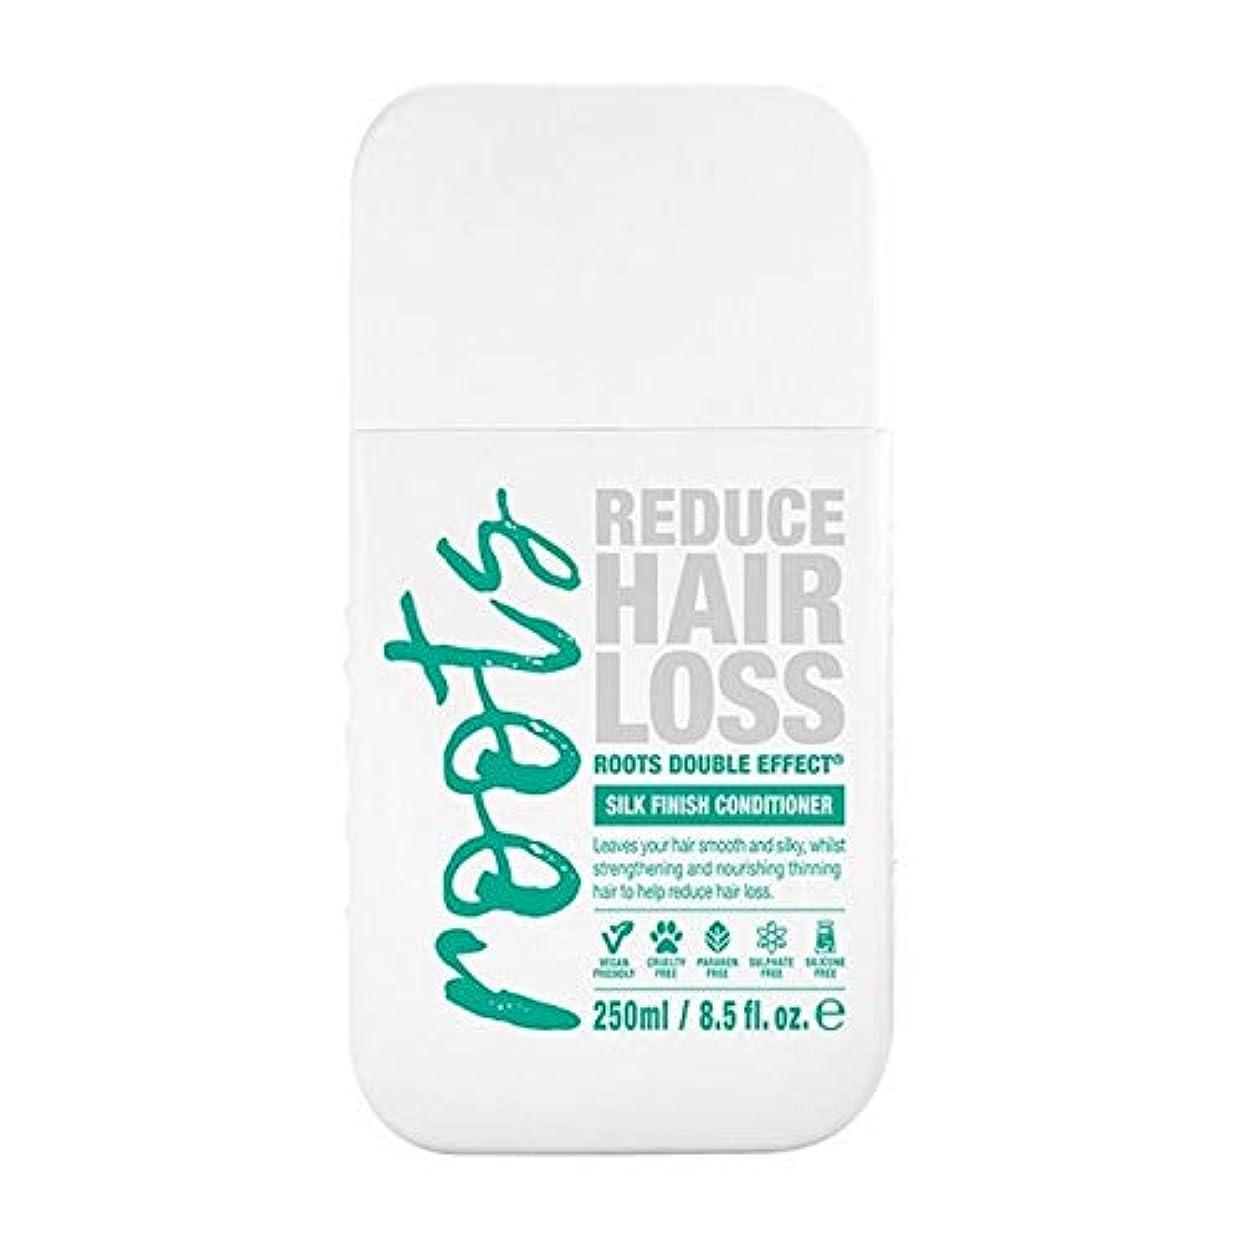 サーバントノミネート別々に[Roots ] 根のダブル効果育毛シャンプー250Ml - Roots Double Effect Hair Growth Conditioner 250ml [並行輸入品]